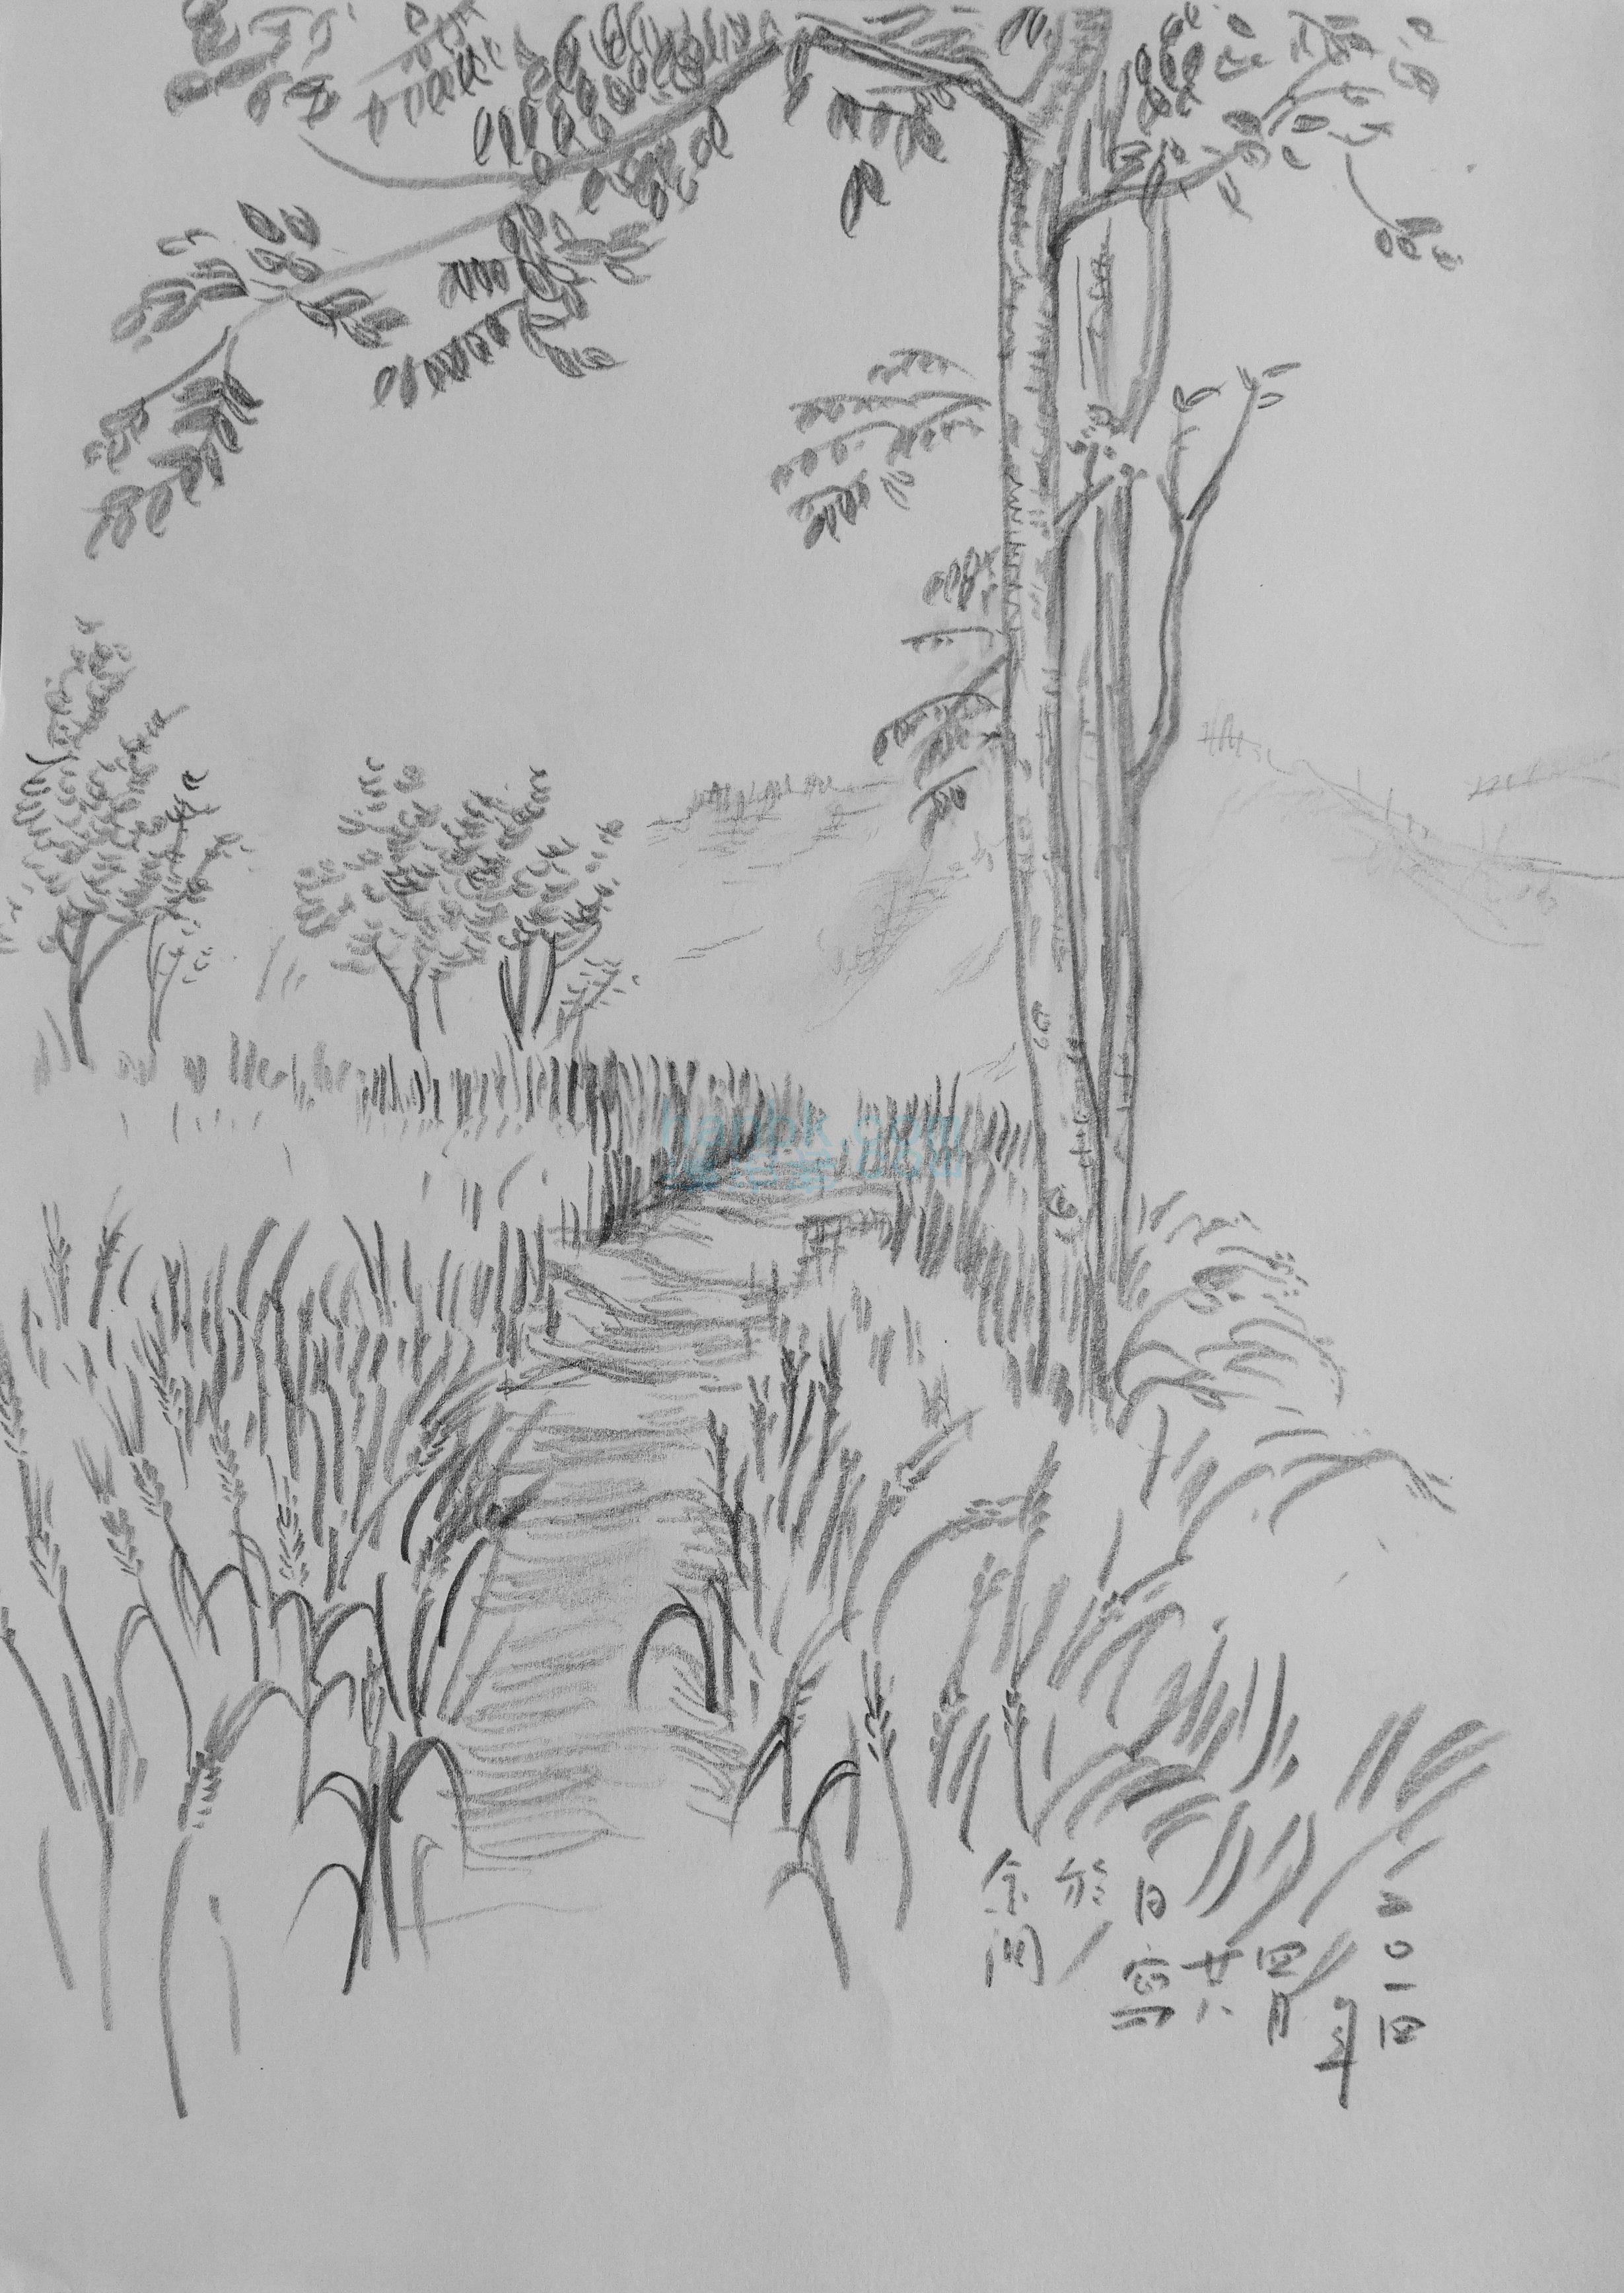 彩岸畫室2014年風景速寫高清原作——《田間小徑》